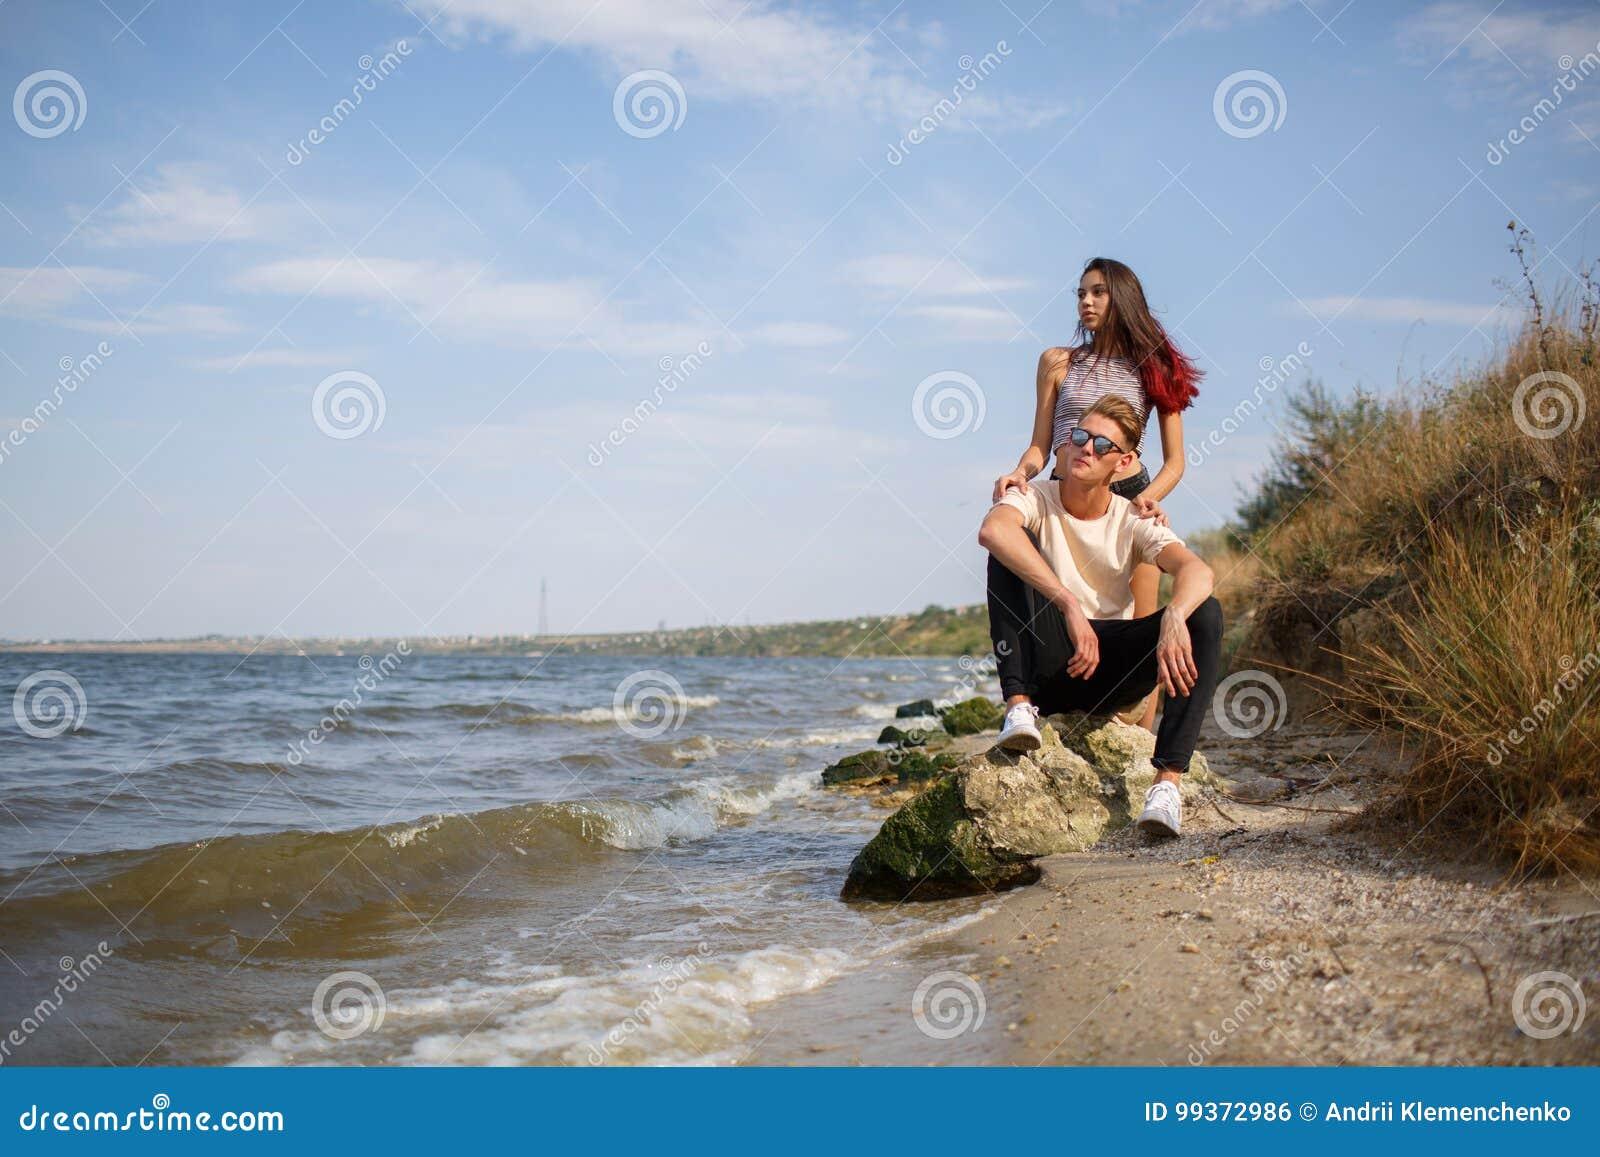 amoureux de la nature datant site